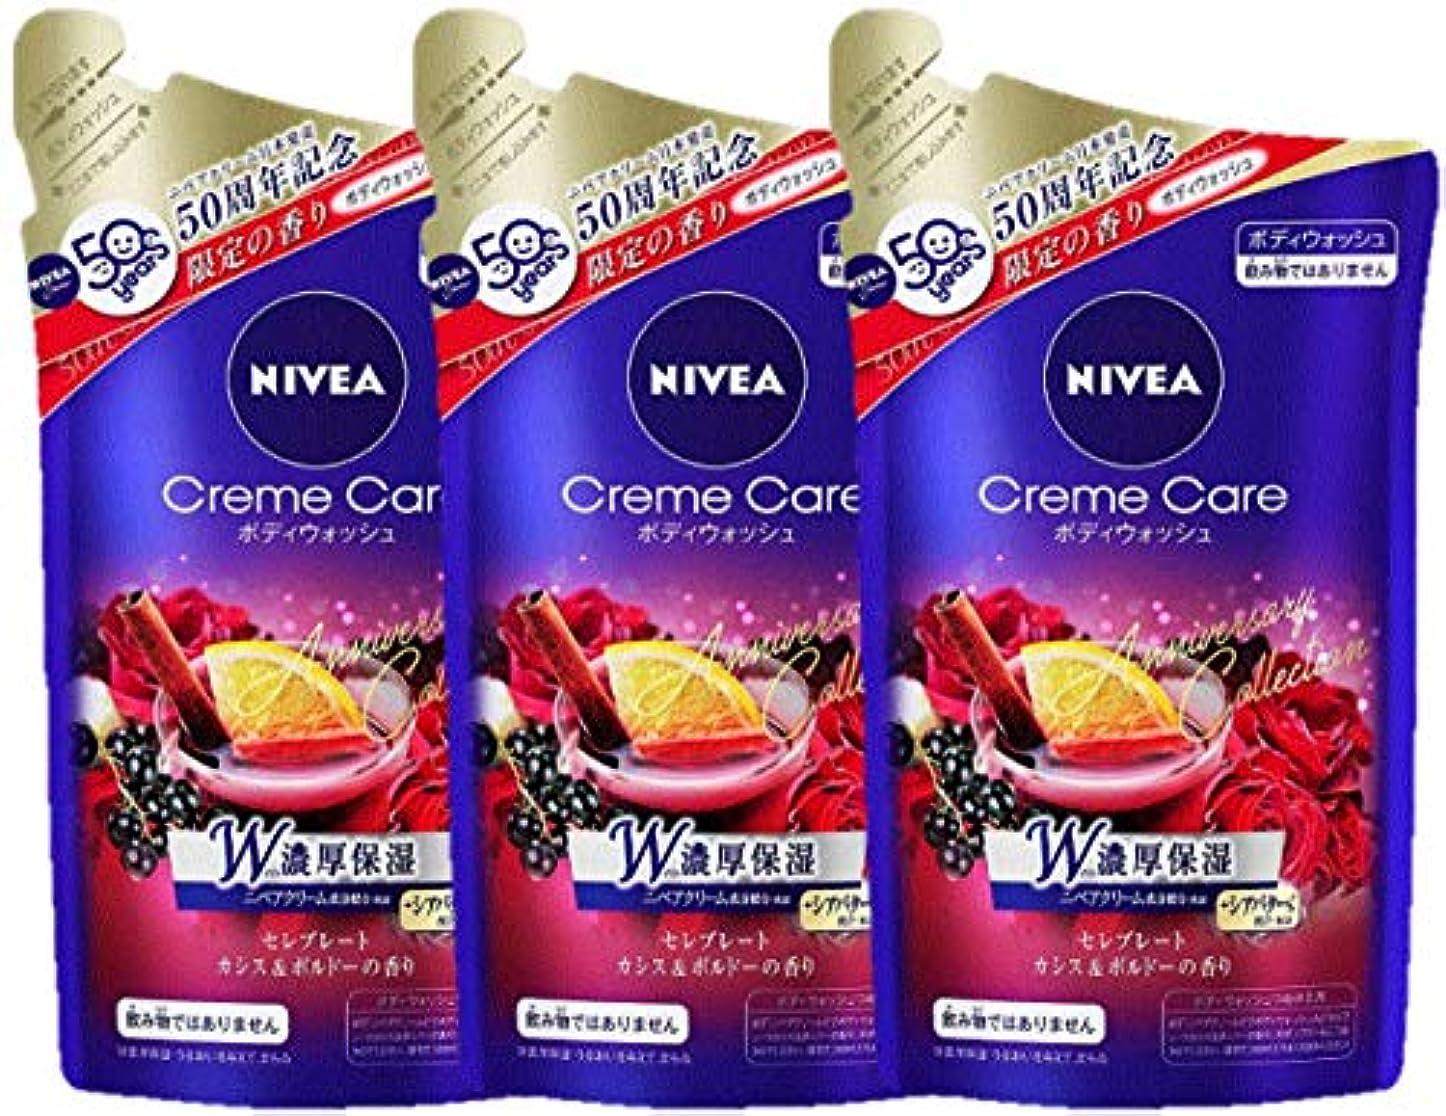 熱望するパーツ運河【まとめ買い】日本発売50周年記念 限定の香り ニベア クリームケア ボディウォッシュ セレブレート カシス&ボルドーの香り つめかえ用360ml×3個